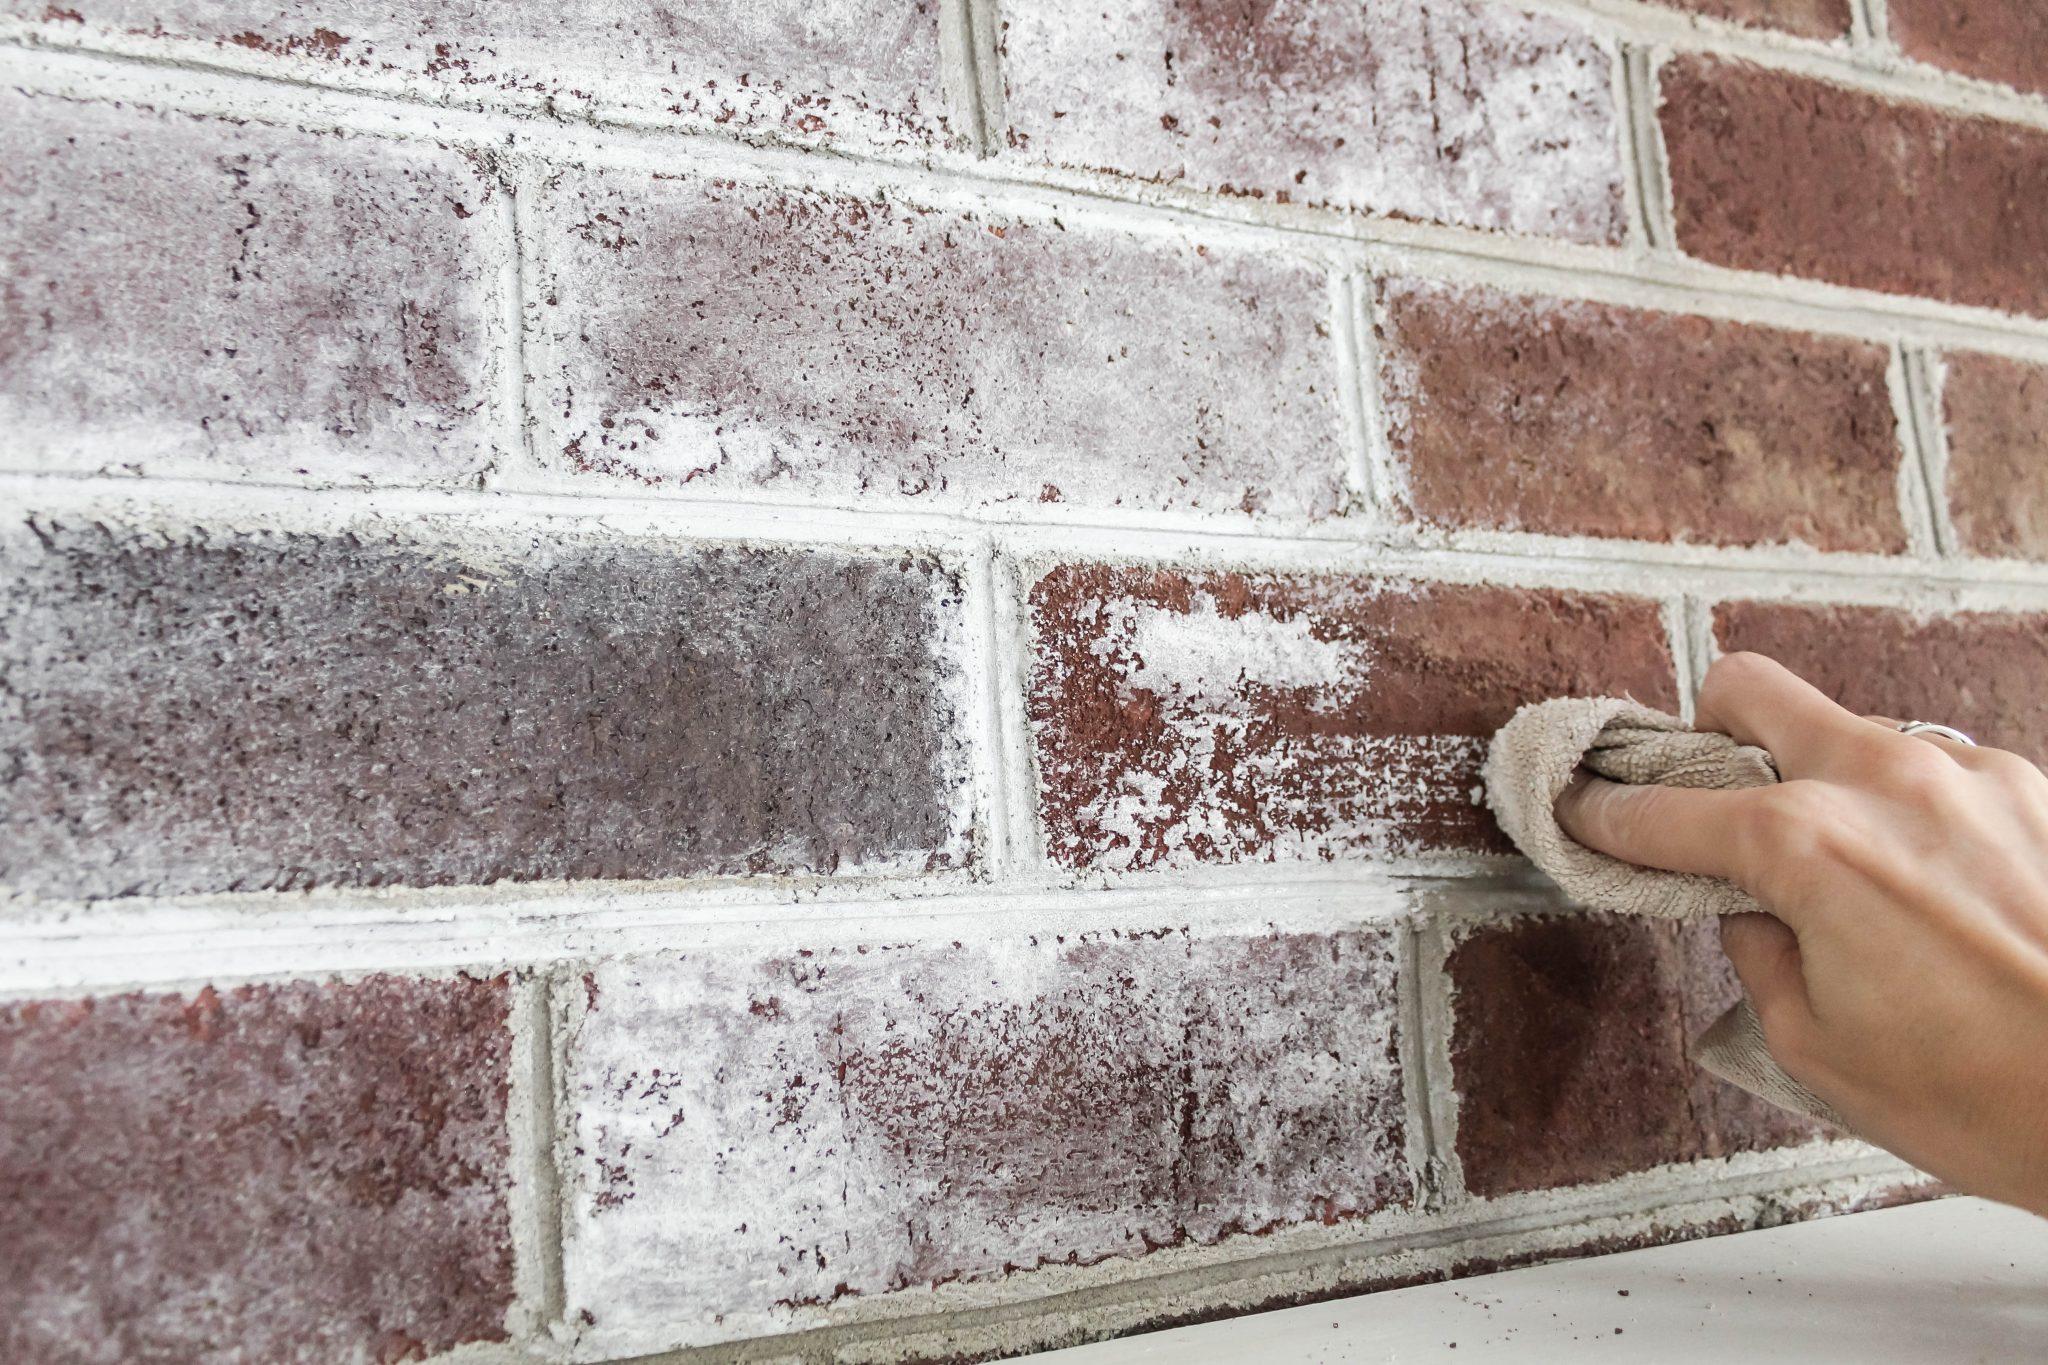 Method: Whitewashing fireplace bricks